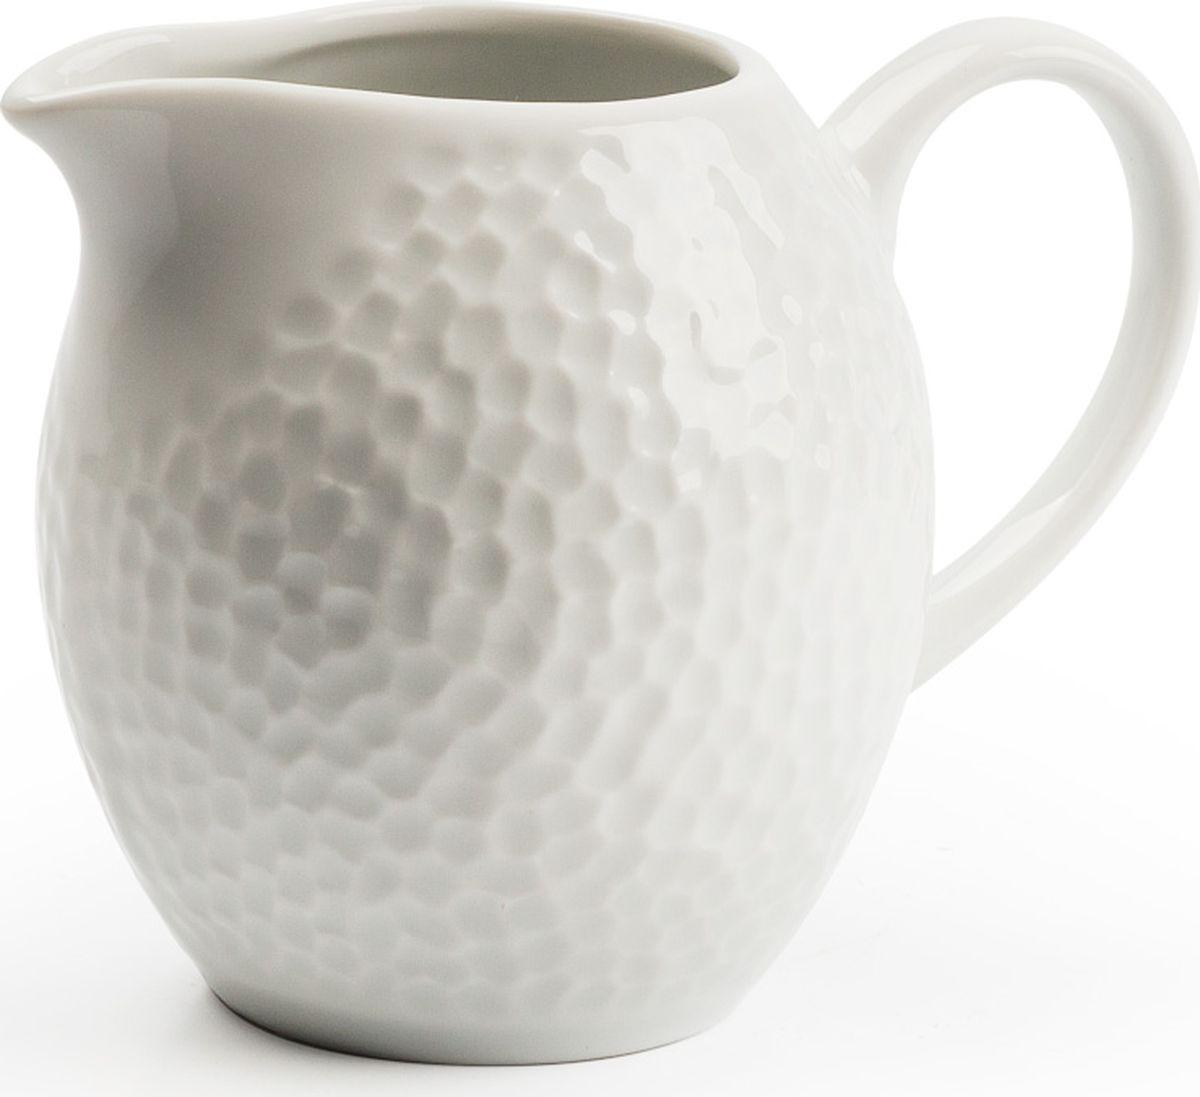 Сливочник La Rose des Sables Martello, 230 мл893024Сливочник La Rose des Sables Martello выполнен из высококачественноготунисского фарфора, изготовленного из уникальной белой глины.Особые свойства этой глины, открытые еще в 18 веке, позволяют создатьудивительно тонкую, легкую и при этом прочную посуду. Благодаря двойномутермическому обжигу фарфор обладает высокой ударопрочностью,жаропрочностью и великолепным блеском глазури.Прекрасный вариант посуды на каждый день.Коллекция отлично смотрится в любом интерьере.Можно использовать в СВЧ печи и мыть в посудомоечной машине.